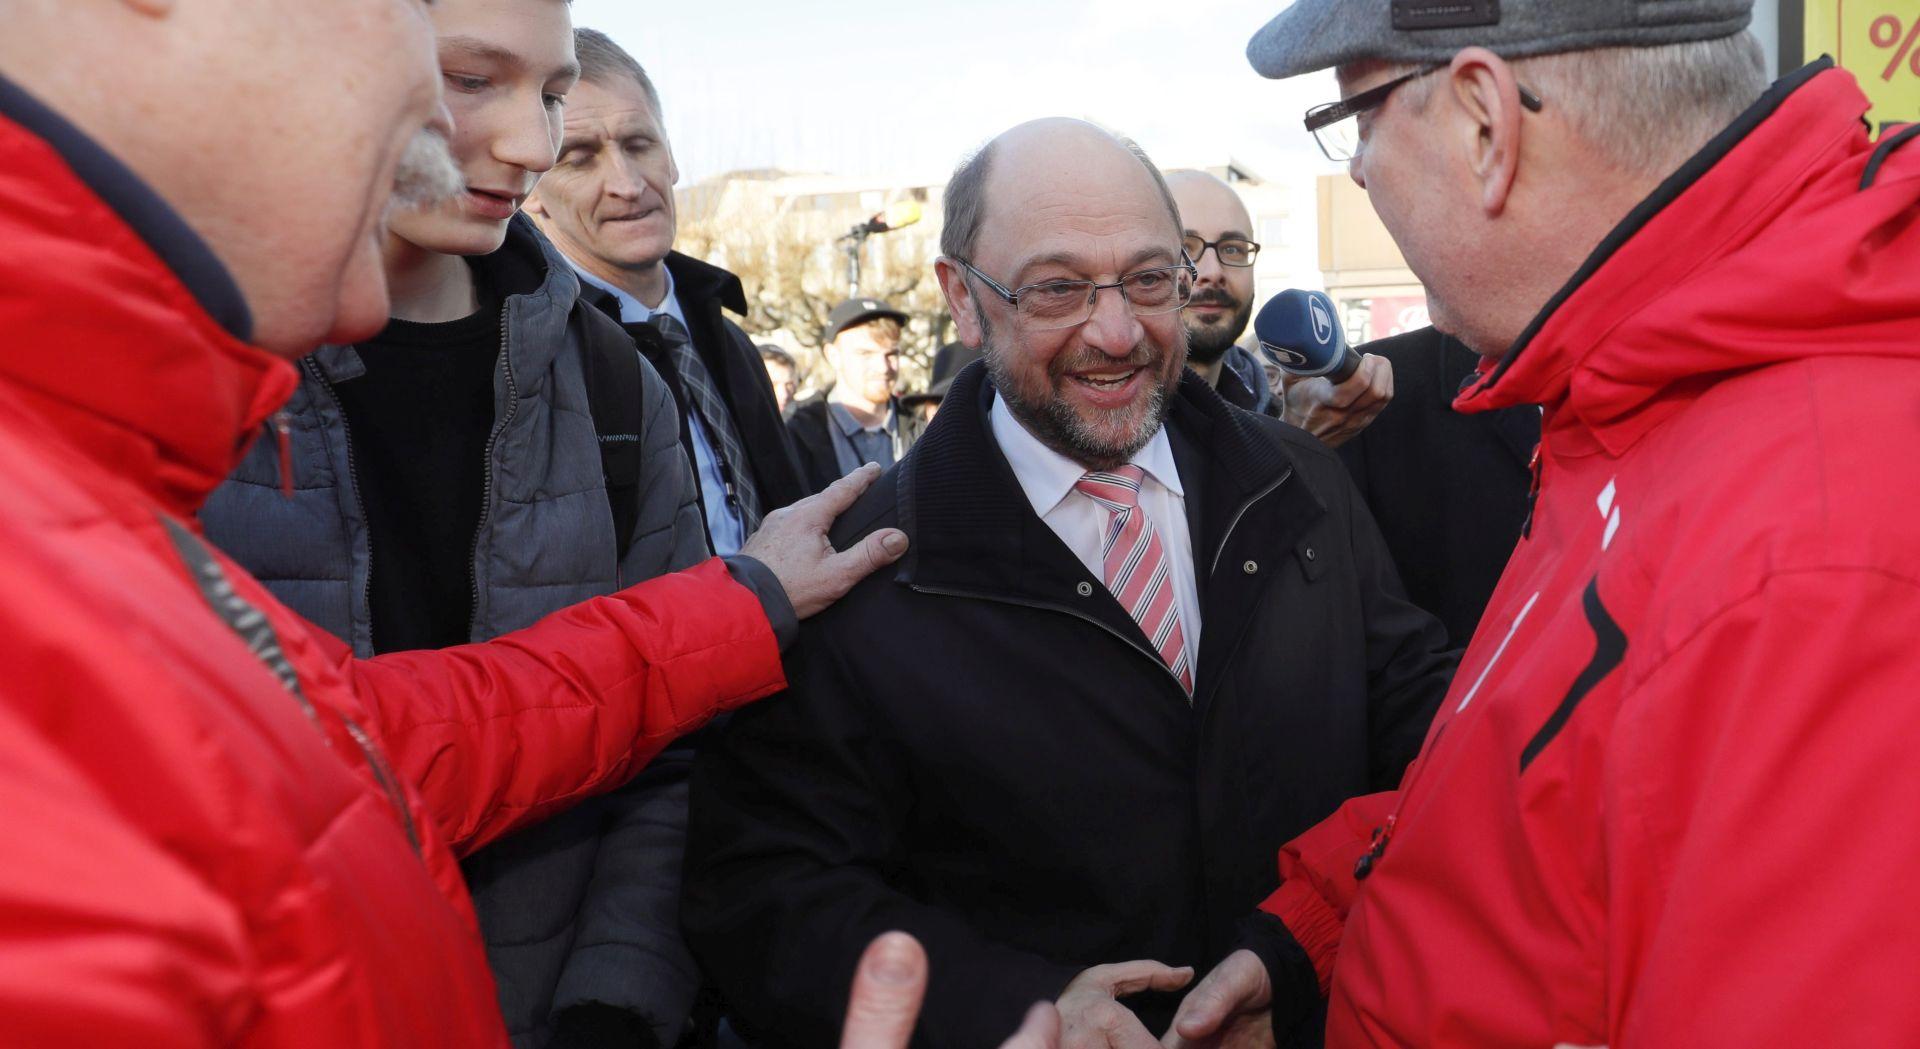 Raste popularnost njemačkih socijaldemokrata nakon kandidiranja izazivača Angele Merkel